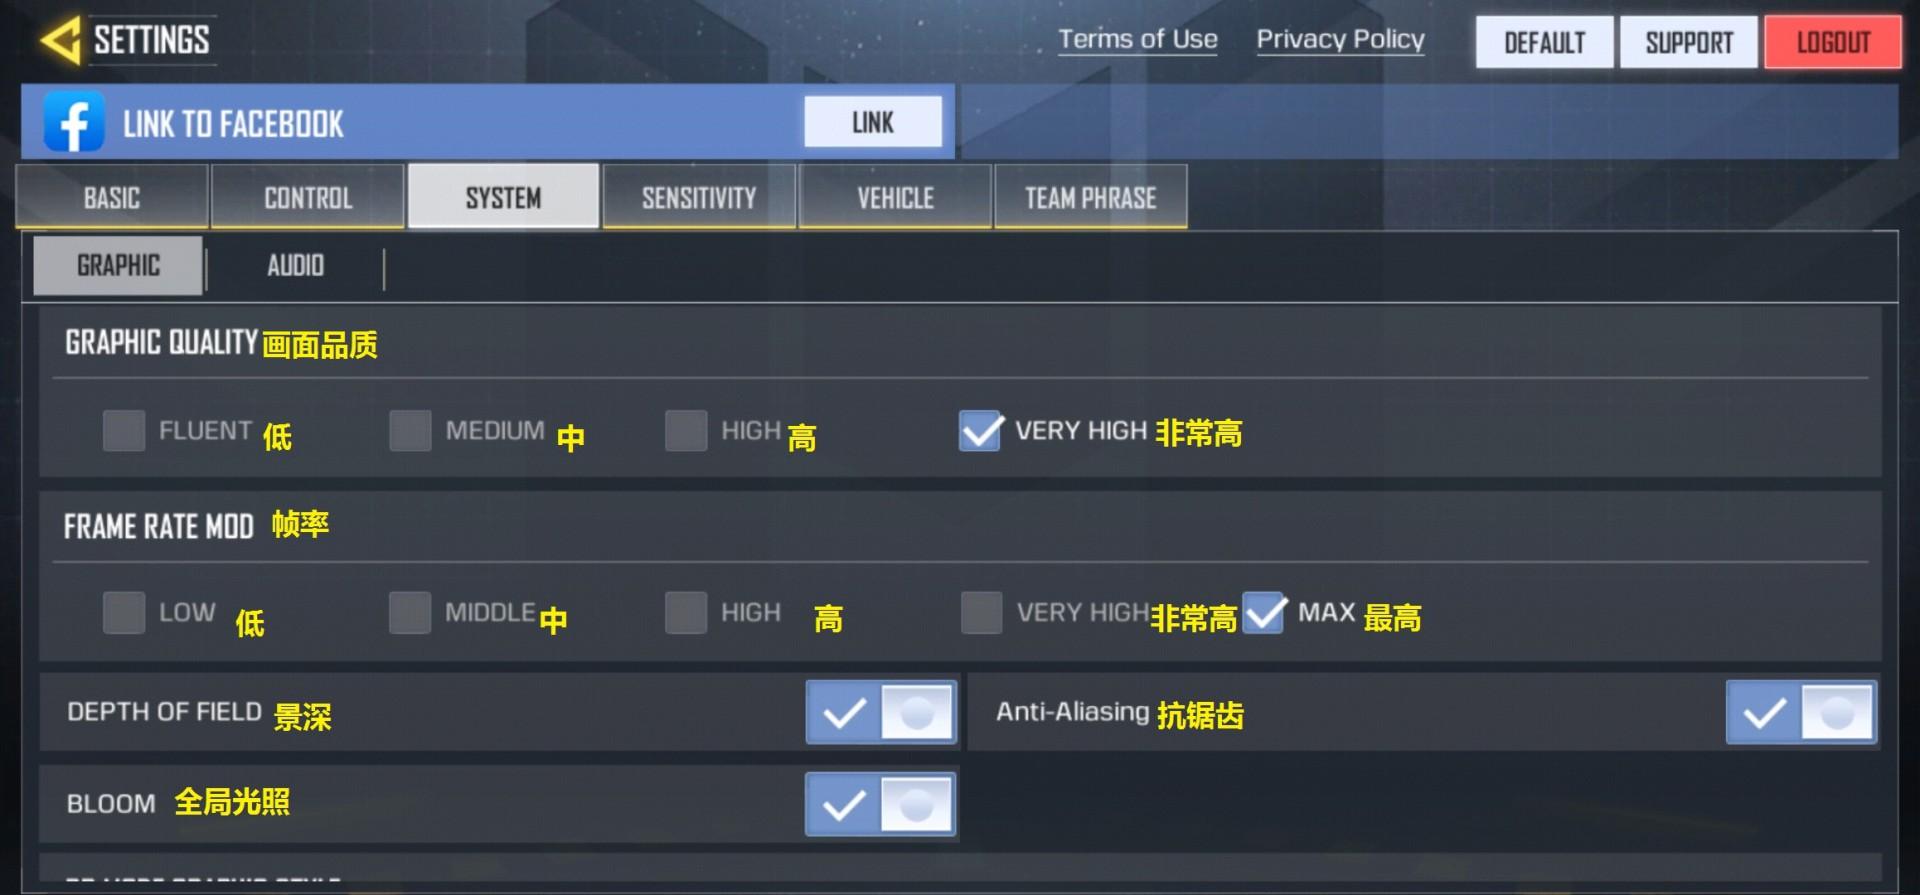 使命召唤酷玩酷玩手游澳服界酷玩酷玩酷玩手游彩票合法面详细翻译